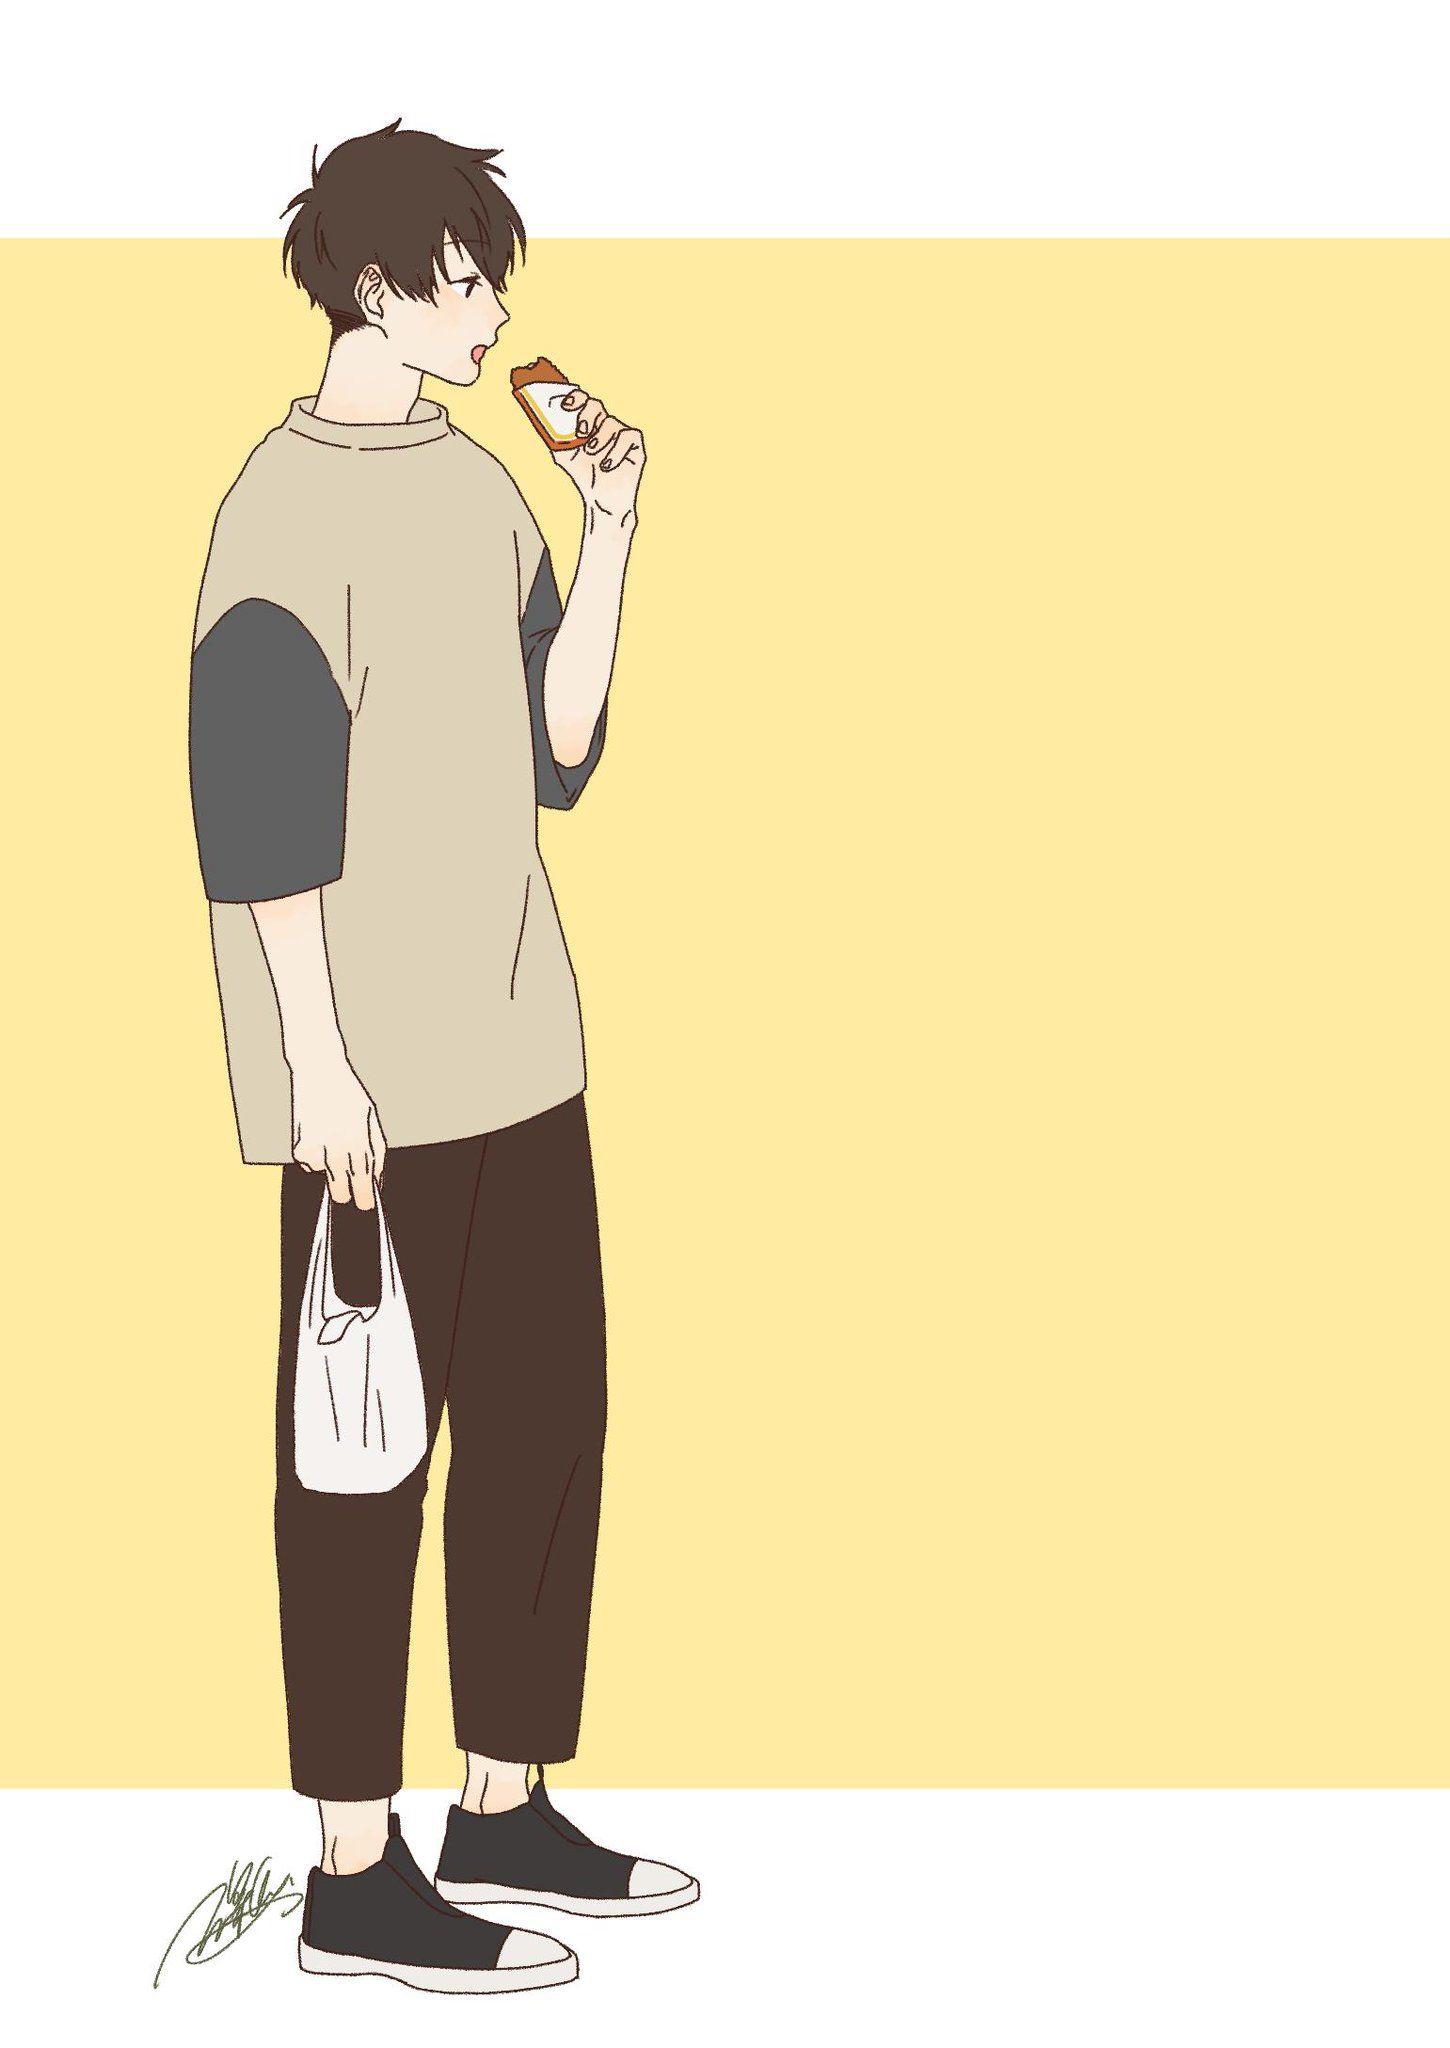 深町 なか:「Respect」の畫像(投稿者:Tomoe さん) | お気に入り, コンビニ チキン